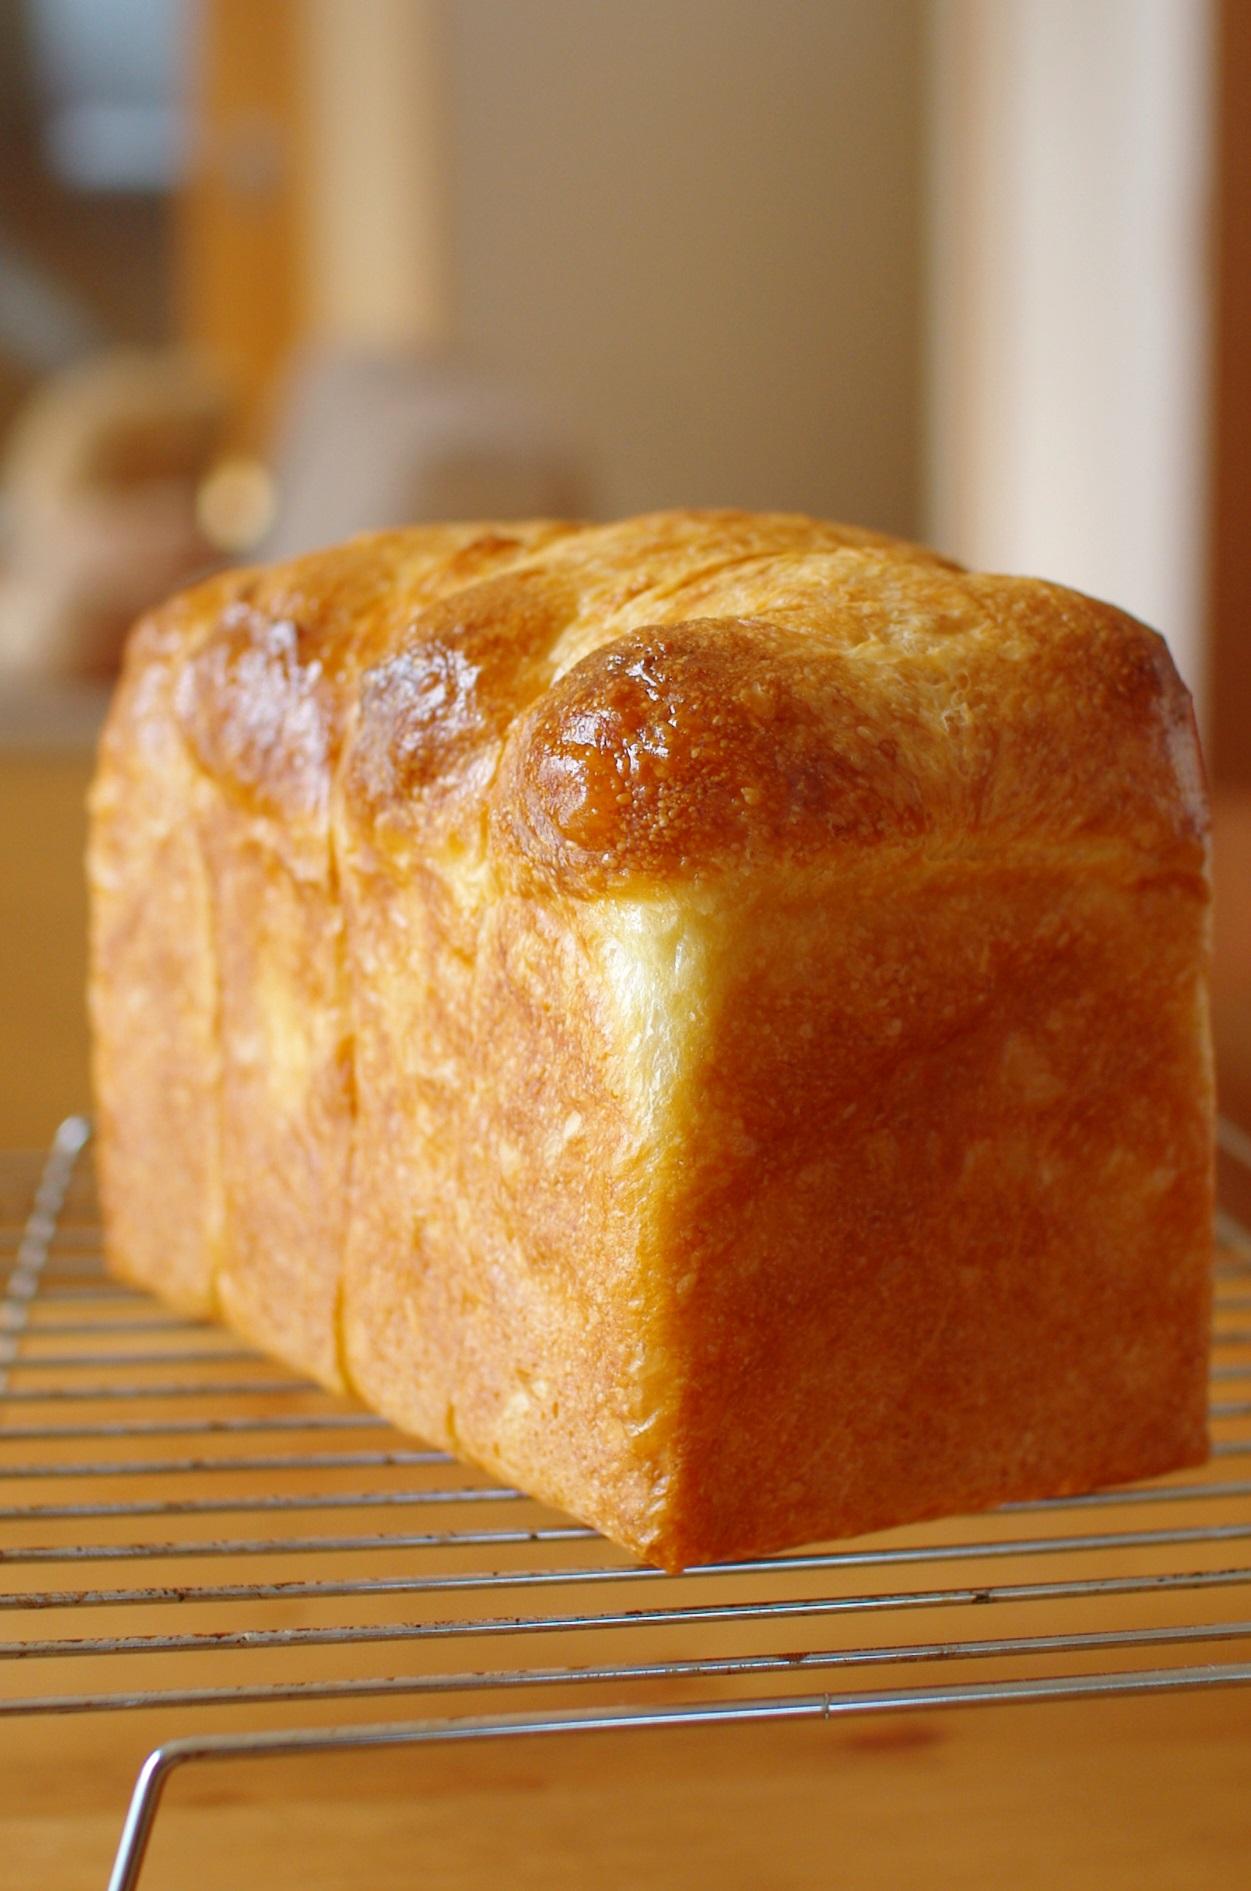 卵入り、油脂なしで、ホテルブレッド風食パン①_c0110869_16235861.jpg